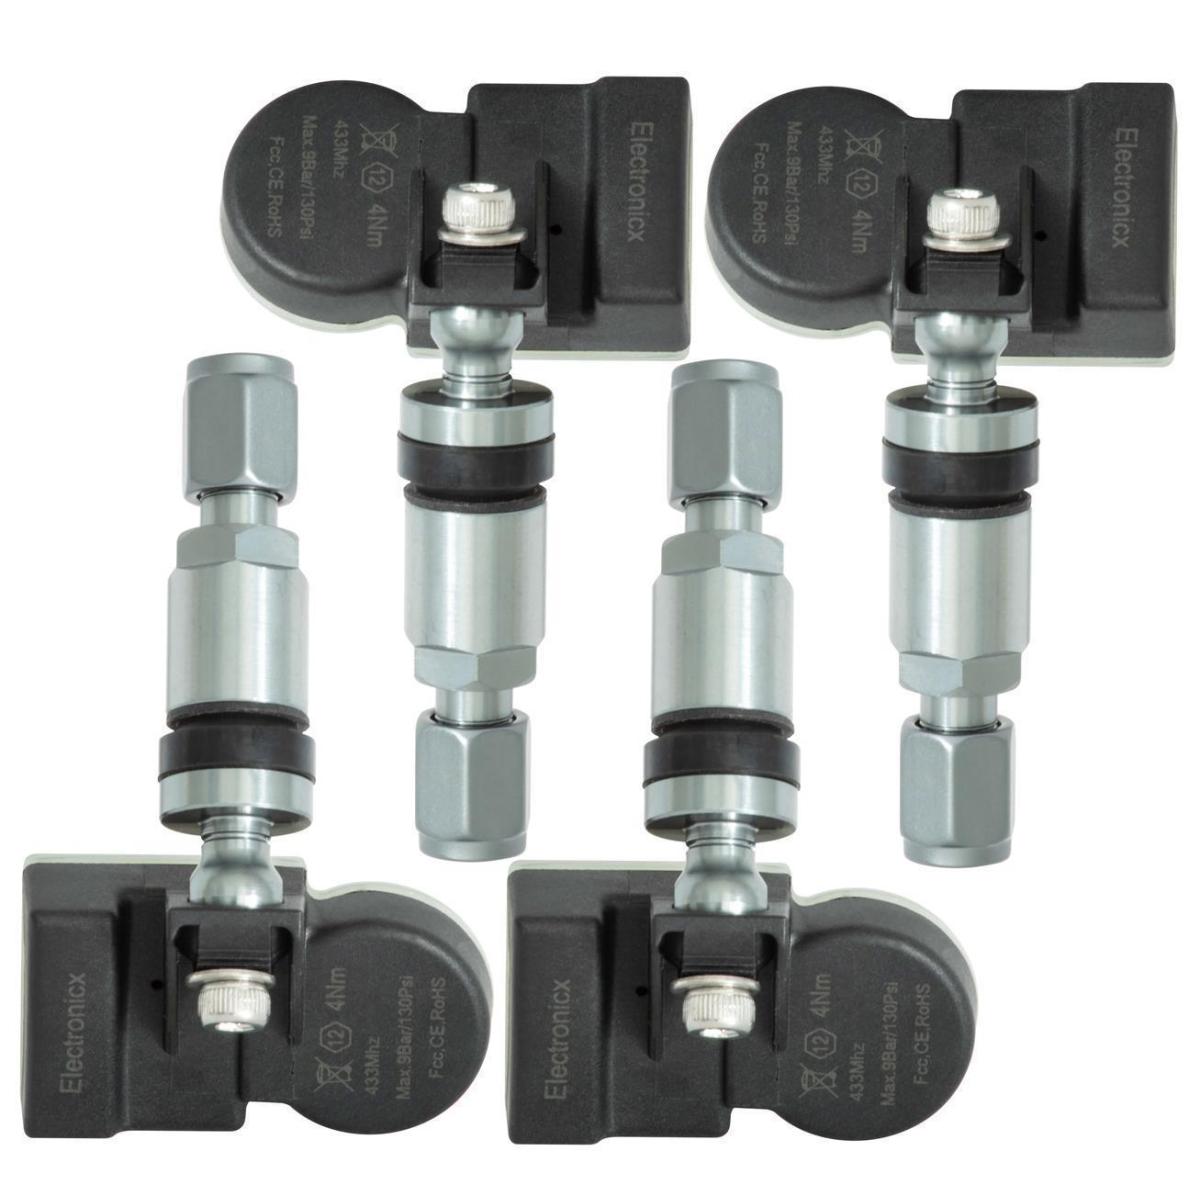 4x TPMS capteurs de pression des pneus valve métallique Gris foncé pour Fiat Ulysse Lancia Phedra